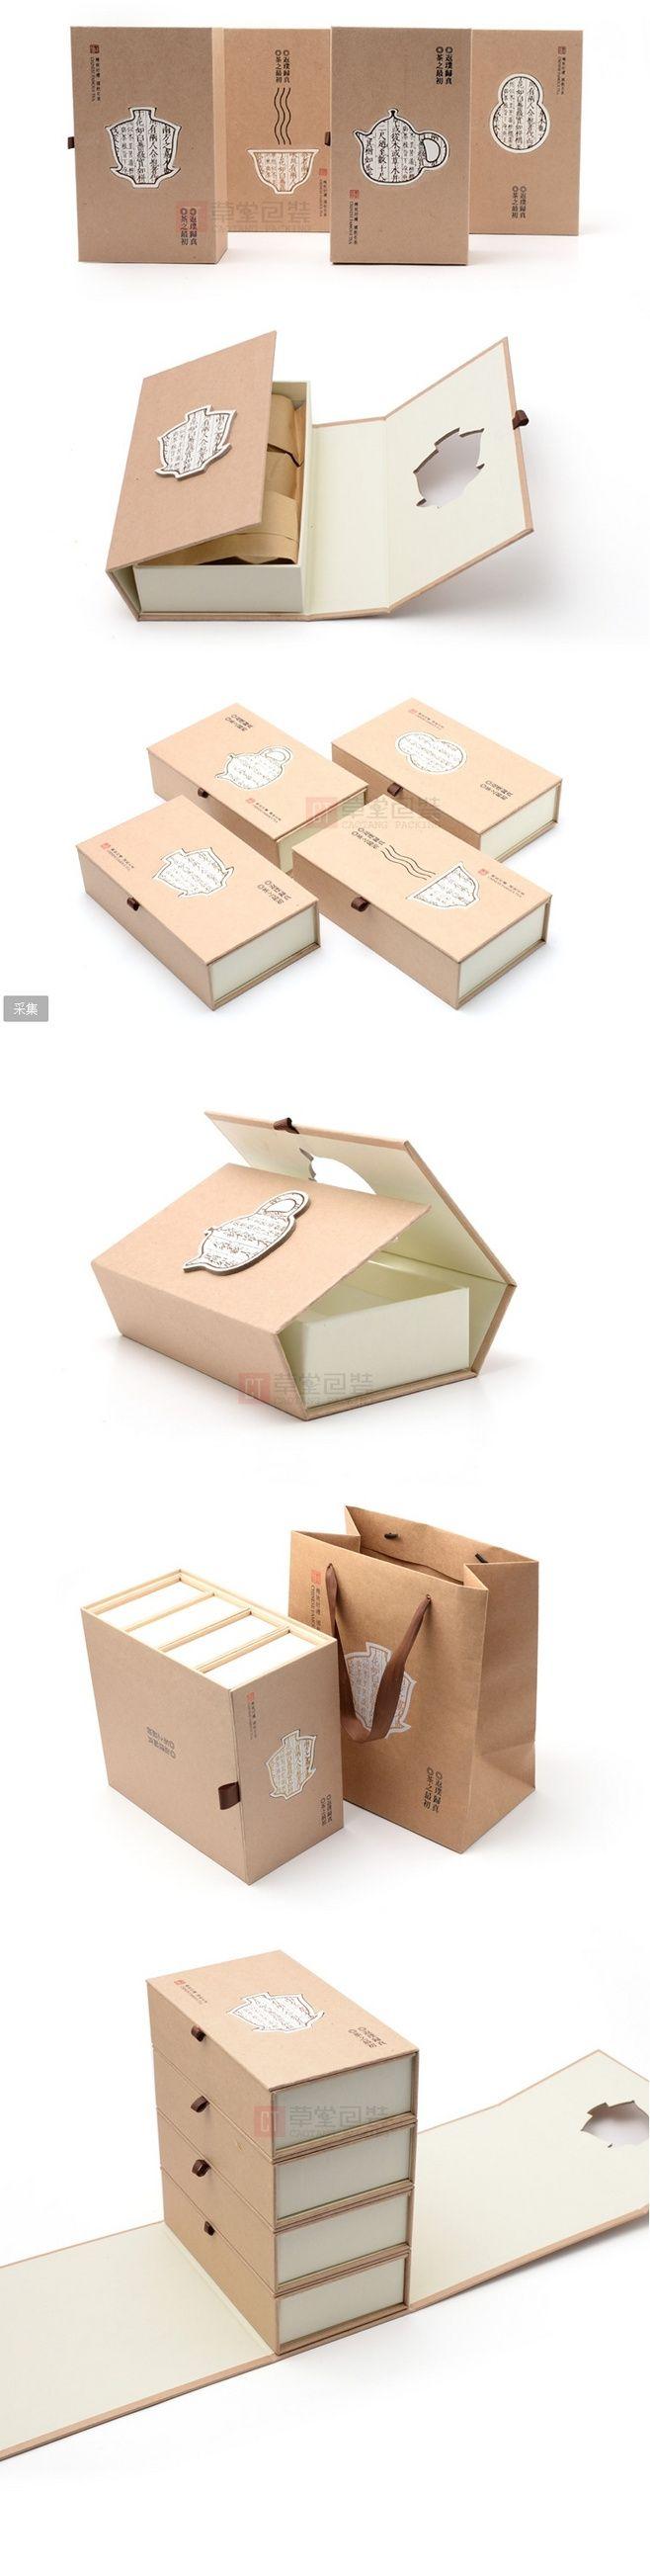 茶之初牛皮纸茶叶包装礼盒简约大气商务可装... Clever packaging. look how the cutout overlays the…